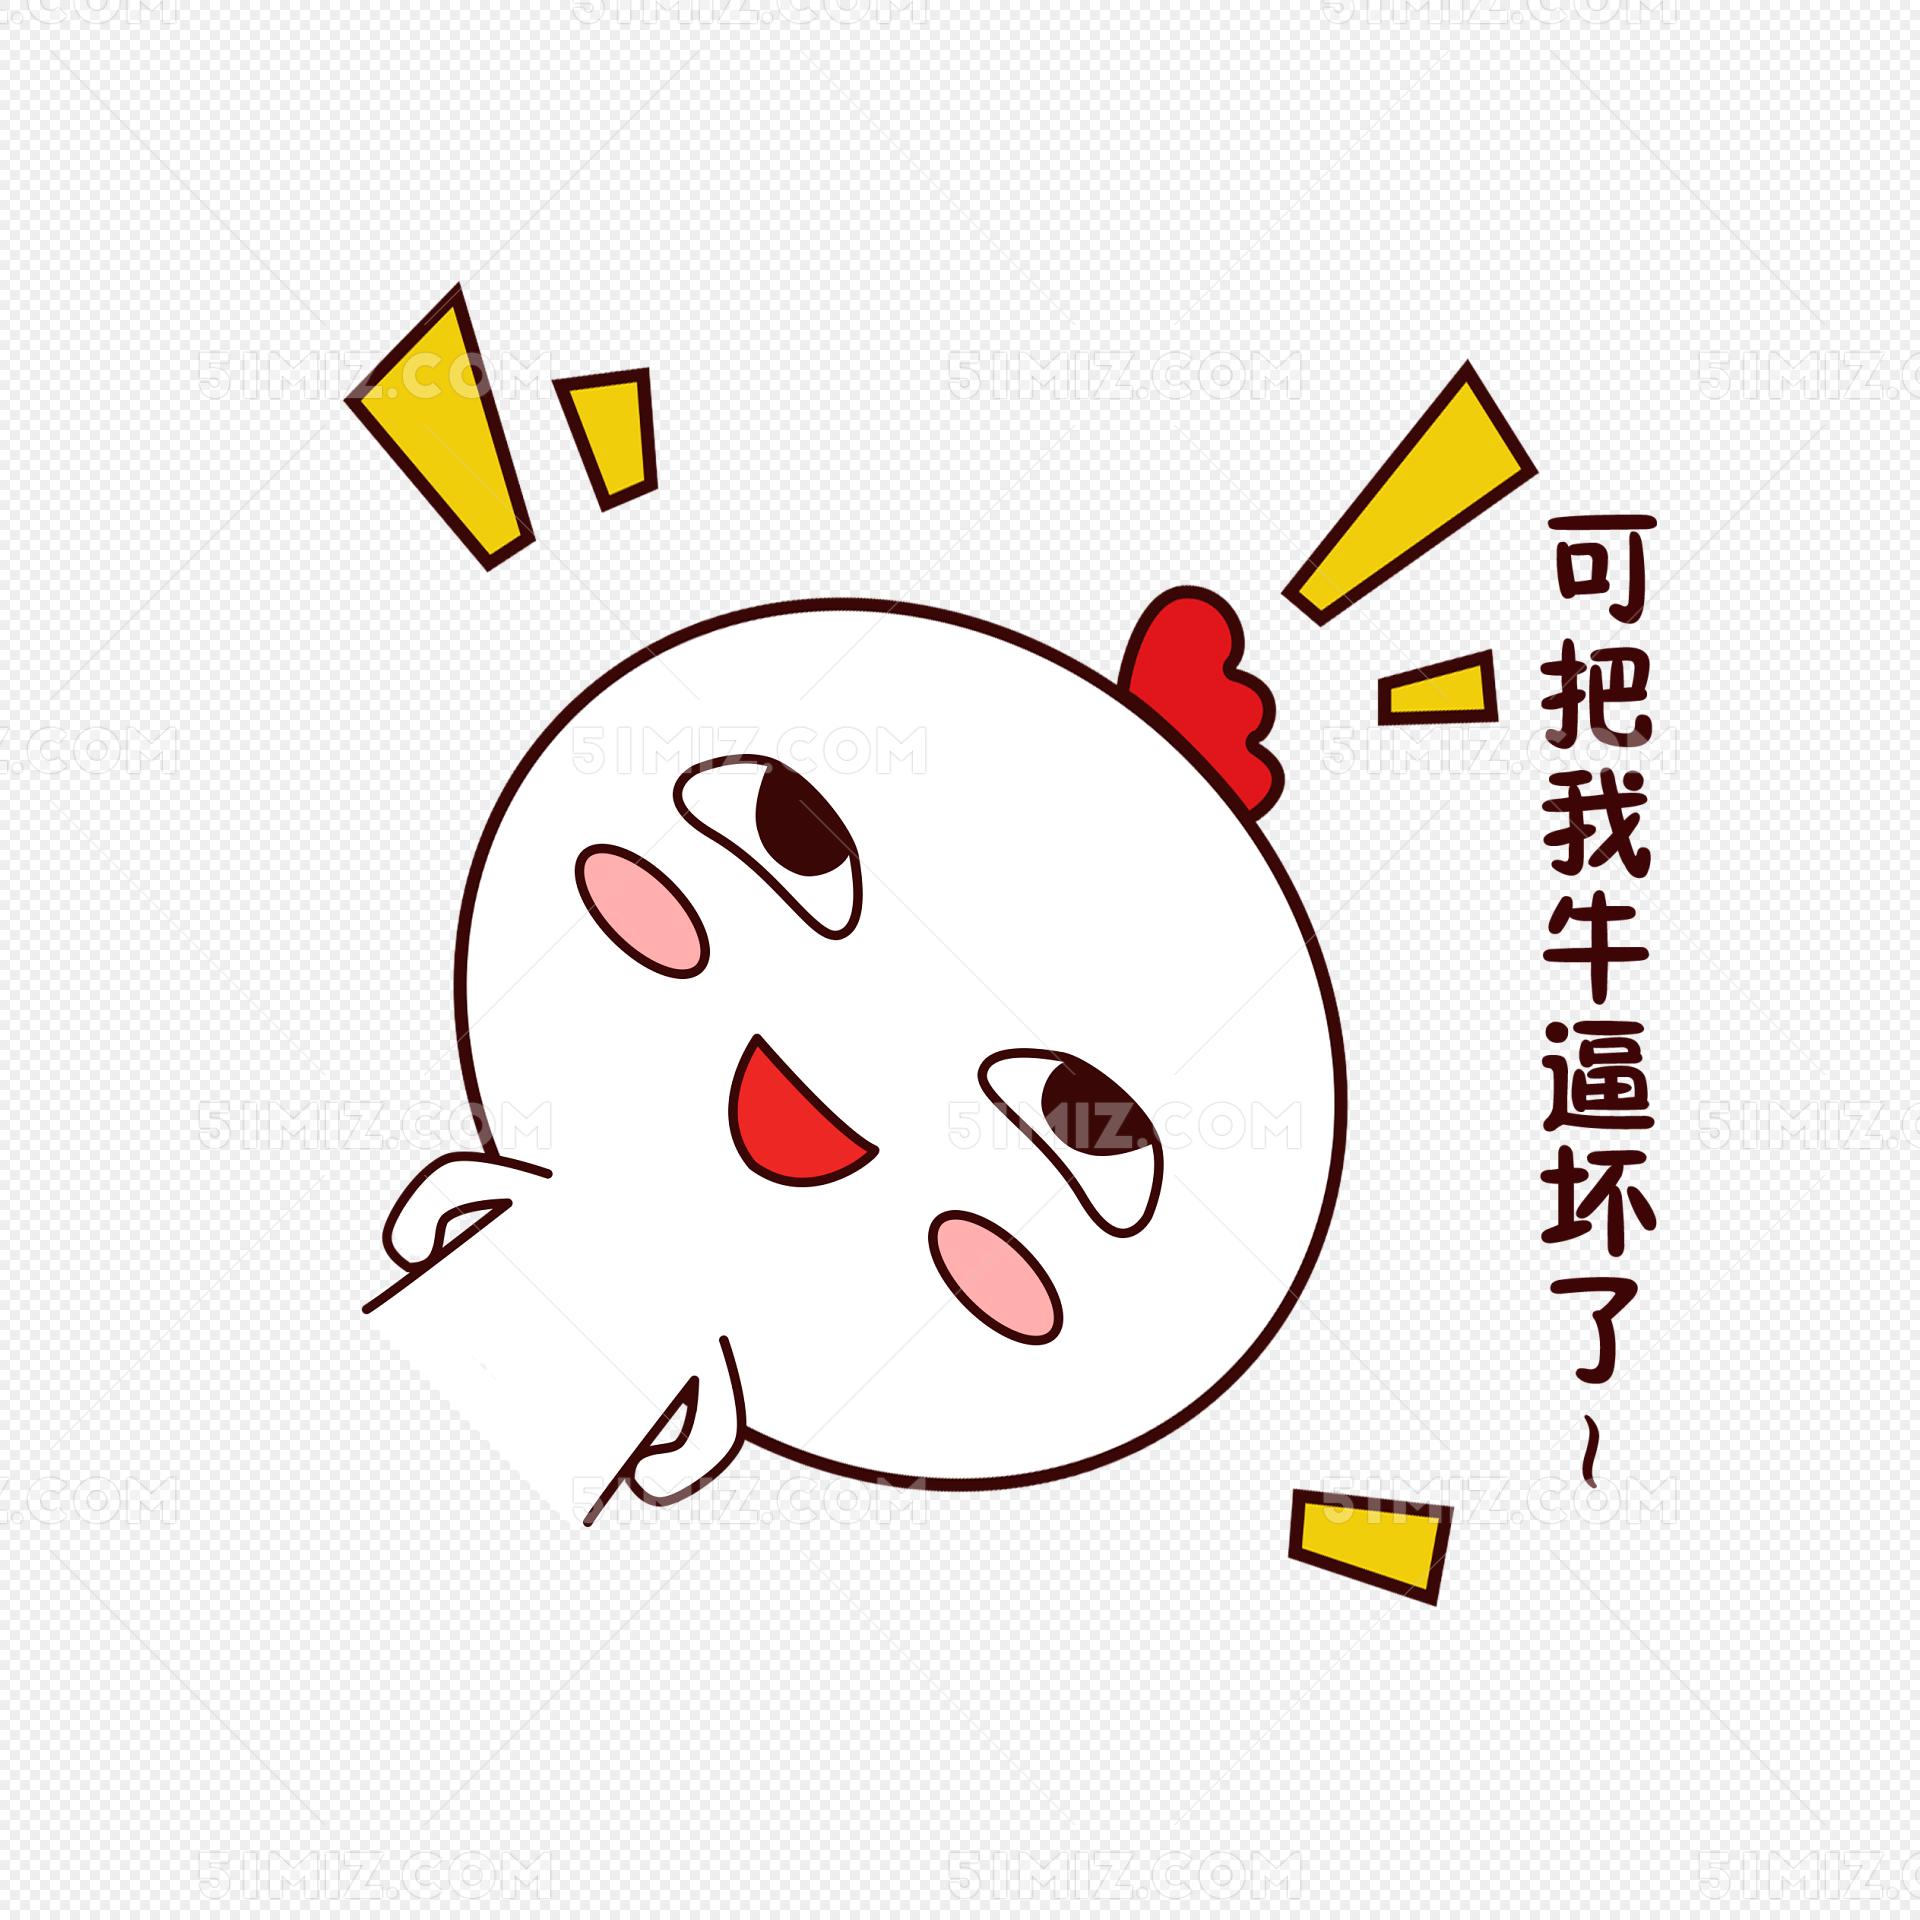 手绘卡通可爱萌宠动物表情包白色